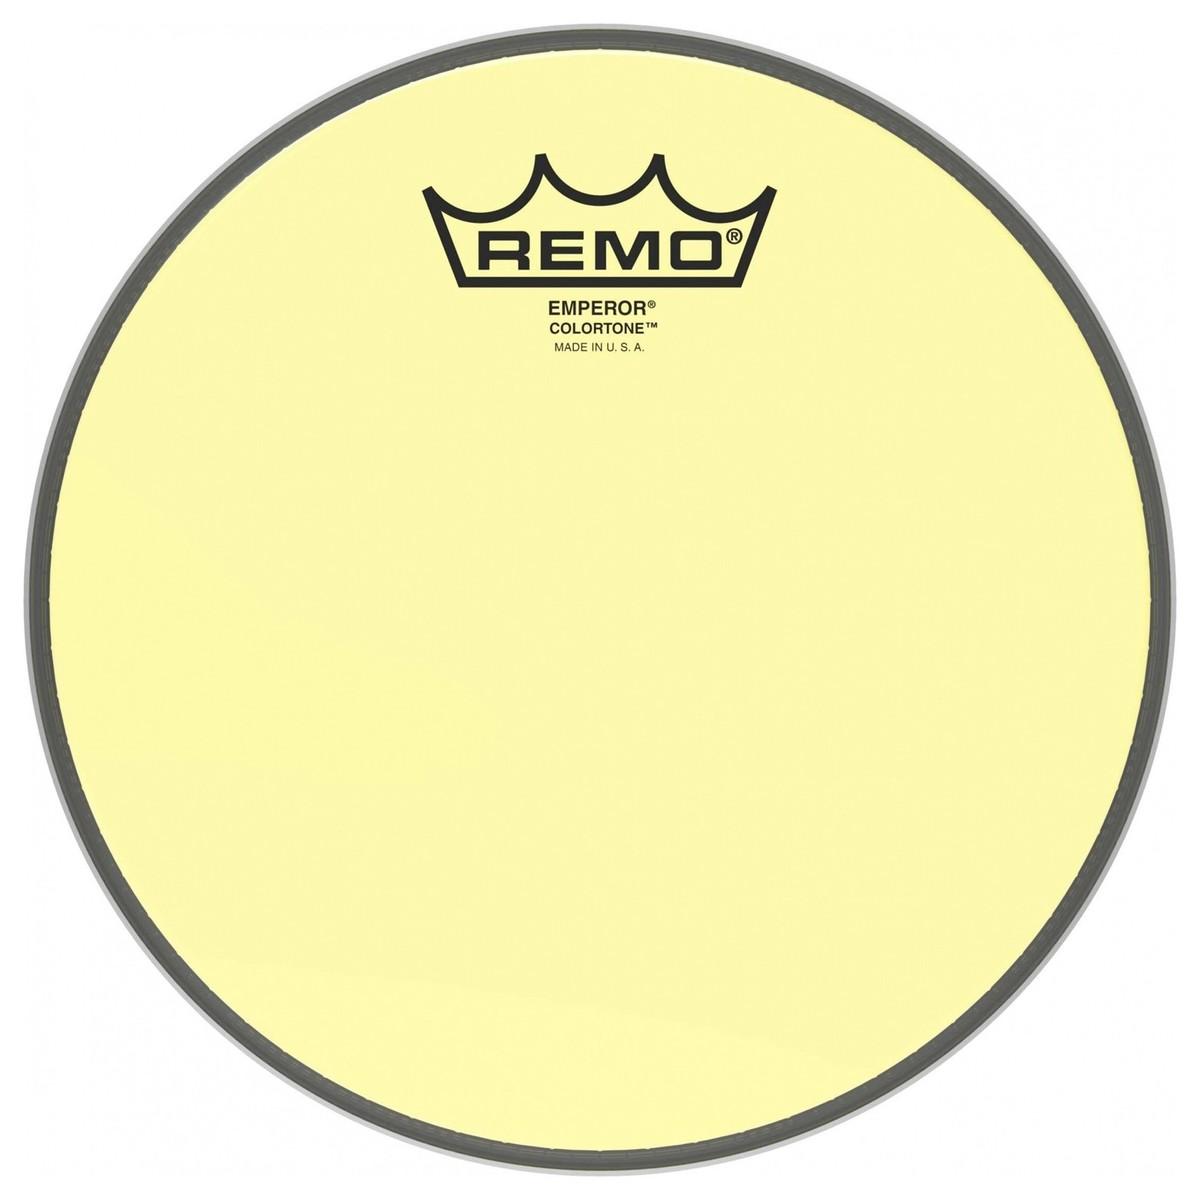 Remo Emperor Colortone Yellow 14 Drum Head